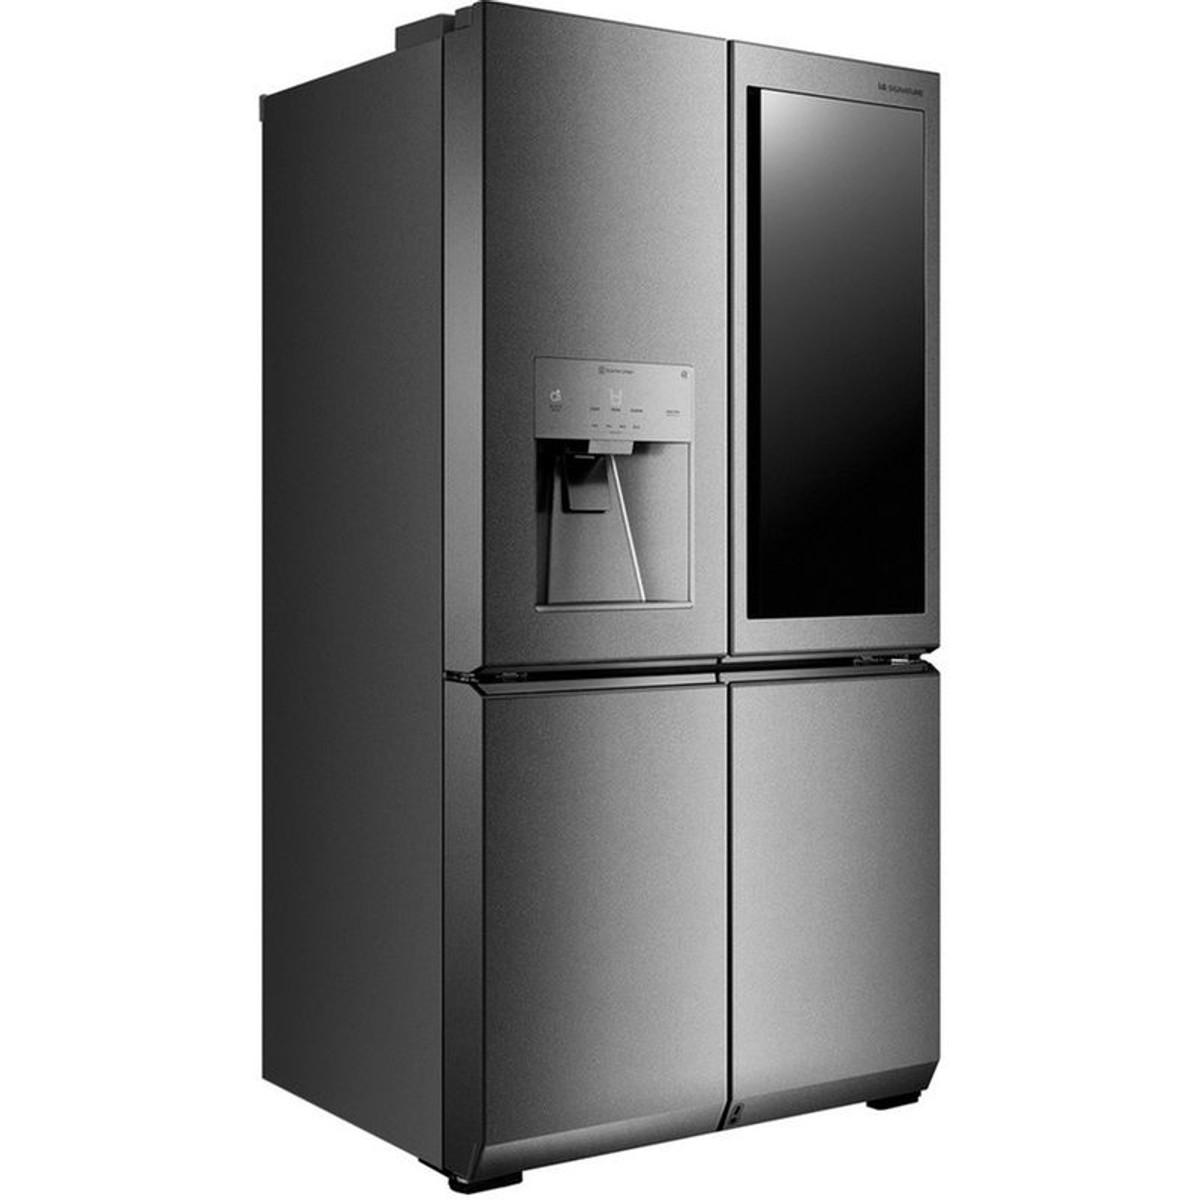 Réfrigérateur Multi Portes Lg Lsr100 Taille TU